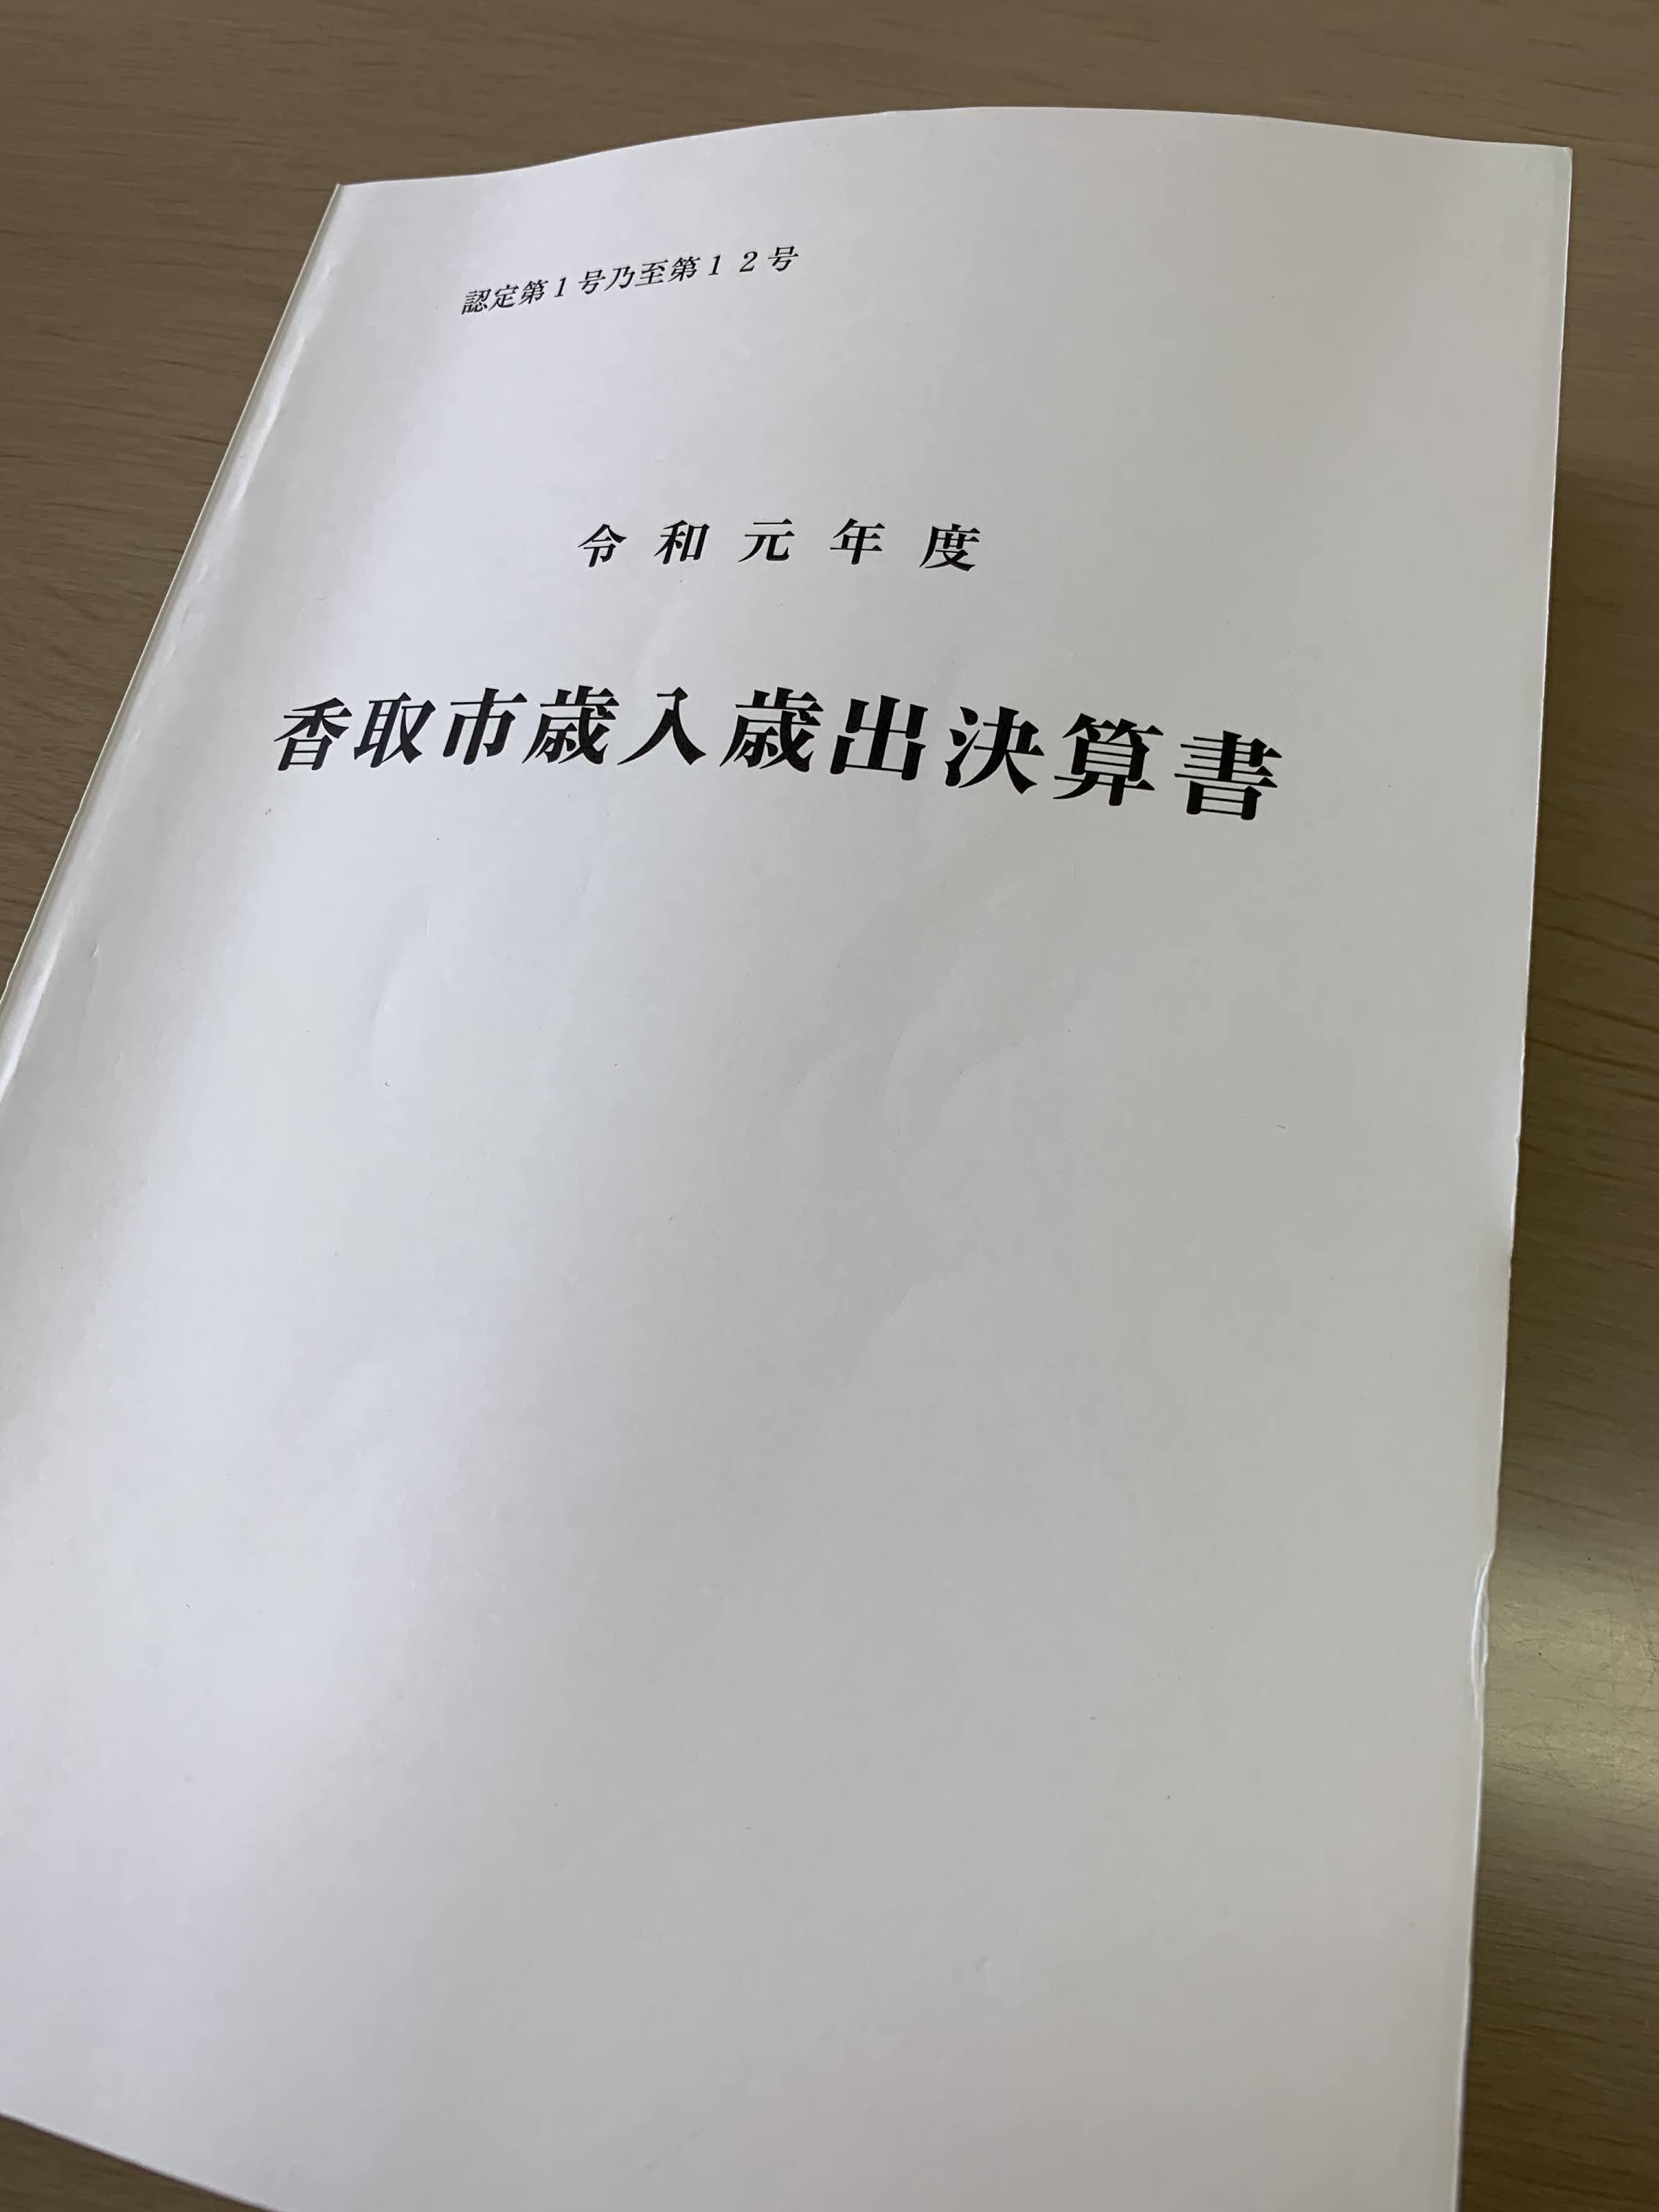 令和2年9月決算審査特別委員会